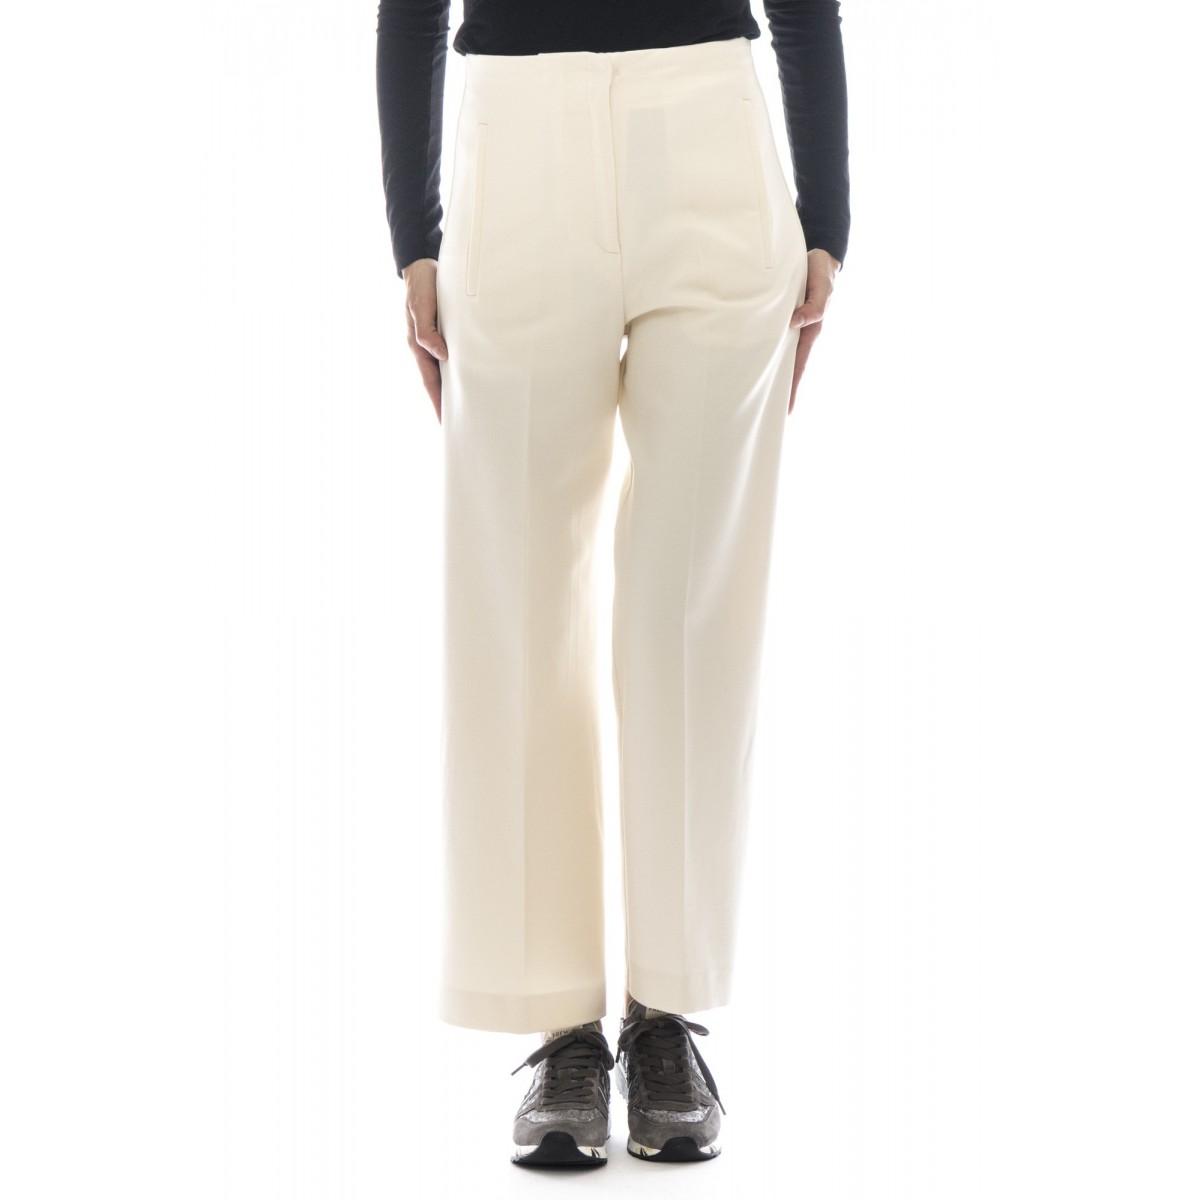 Pantalone donna - J4006